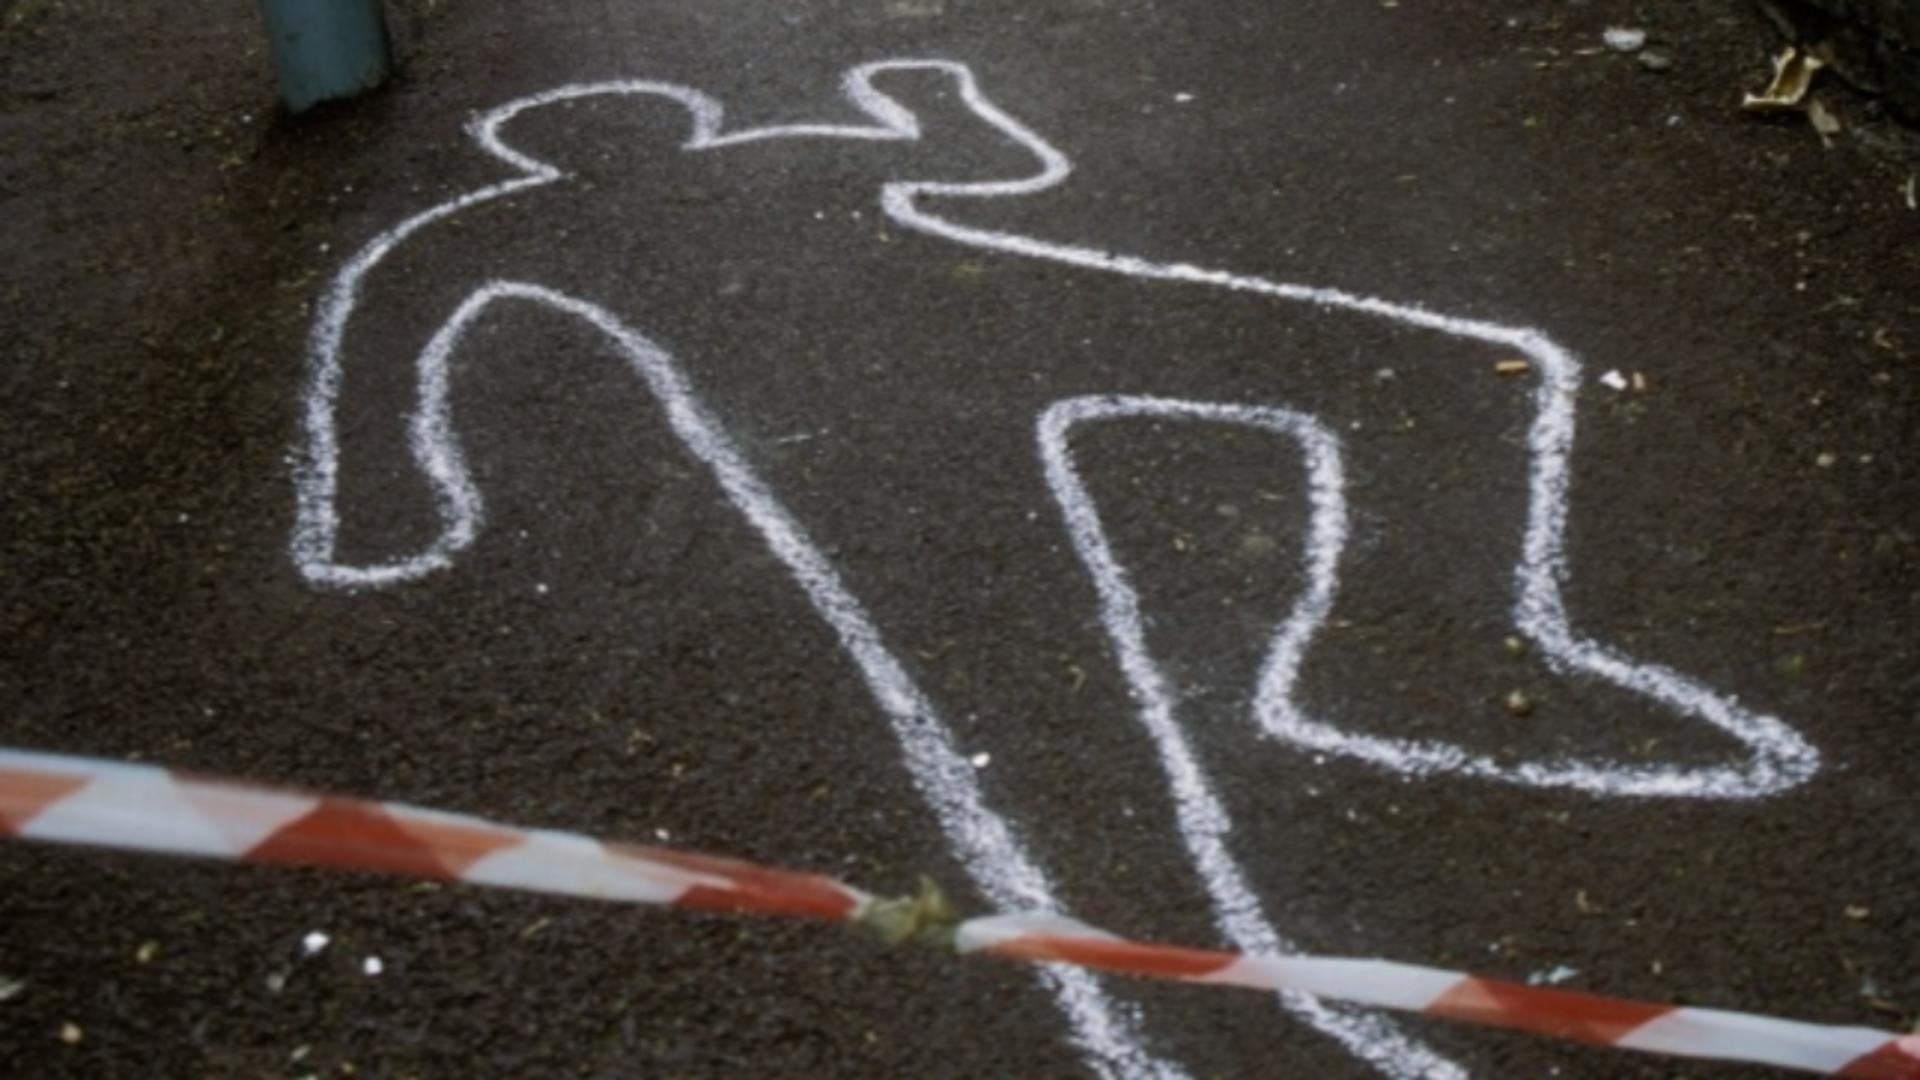 Tânărul se deplasa pe jos, pe un trotuar din orașul Doncaster, când a fost lovit de o mașină